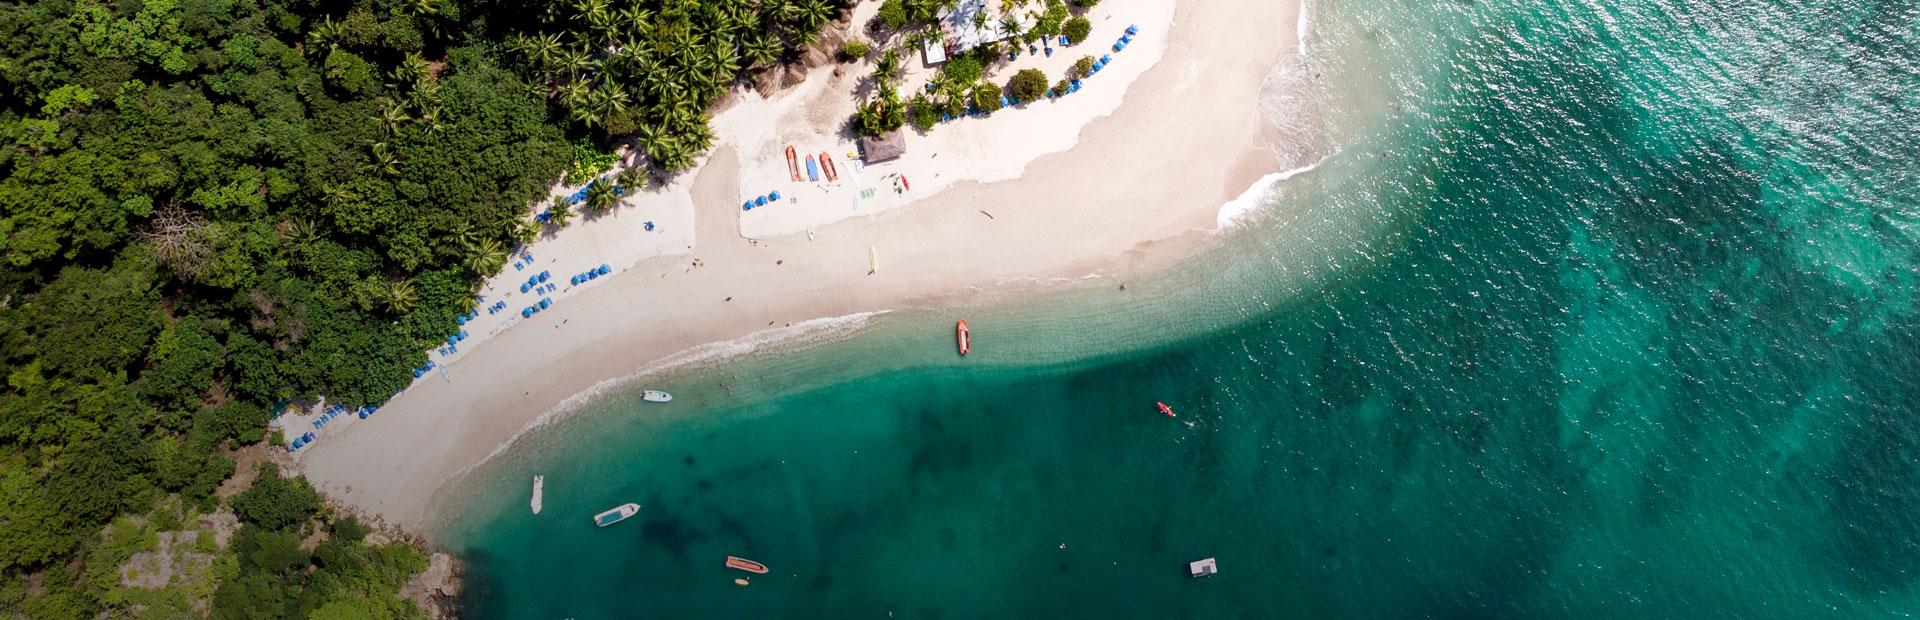 Costa Rica Urlaub mit Reisespezialisten in Deutschland planen